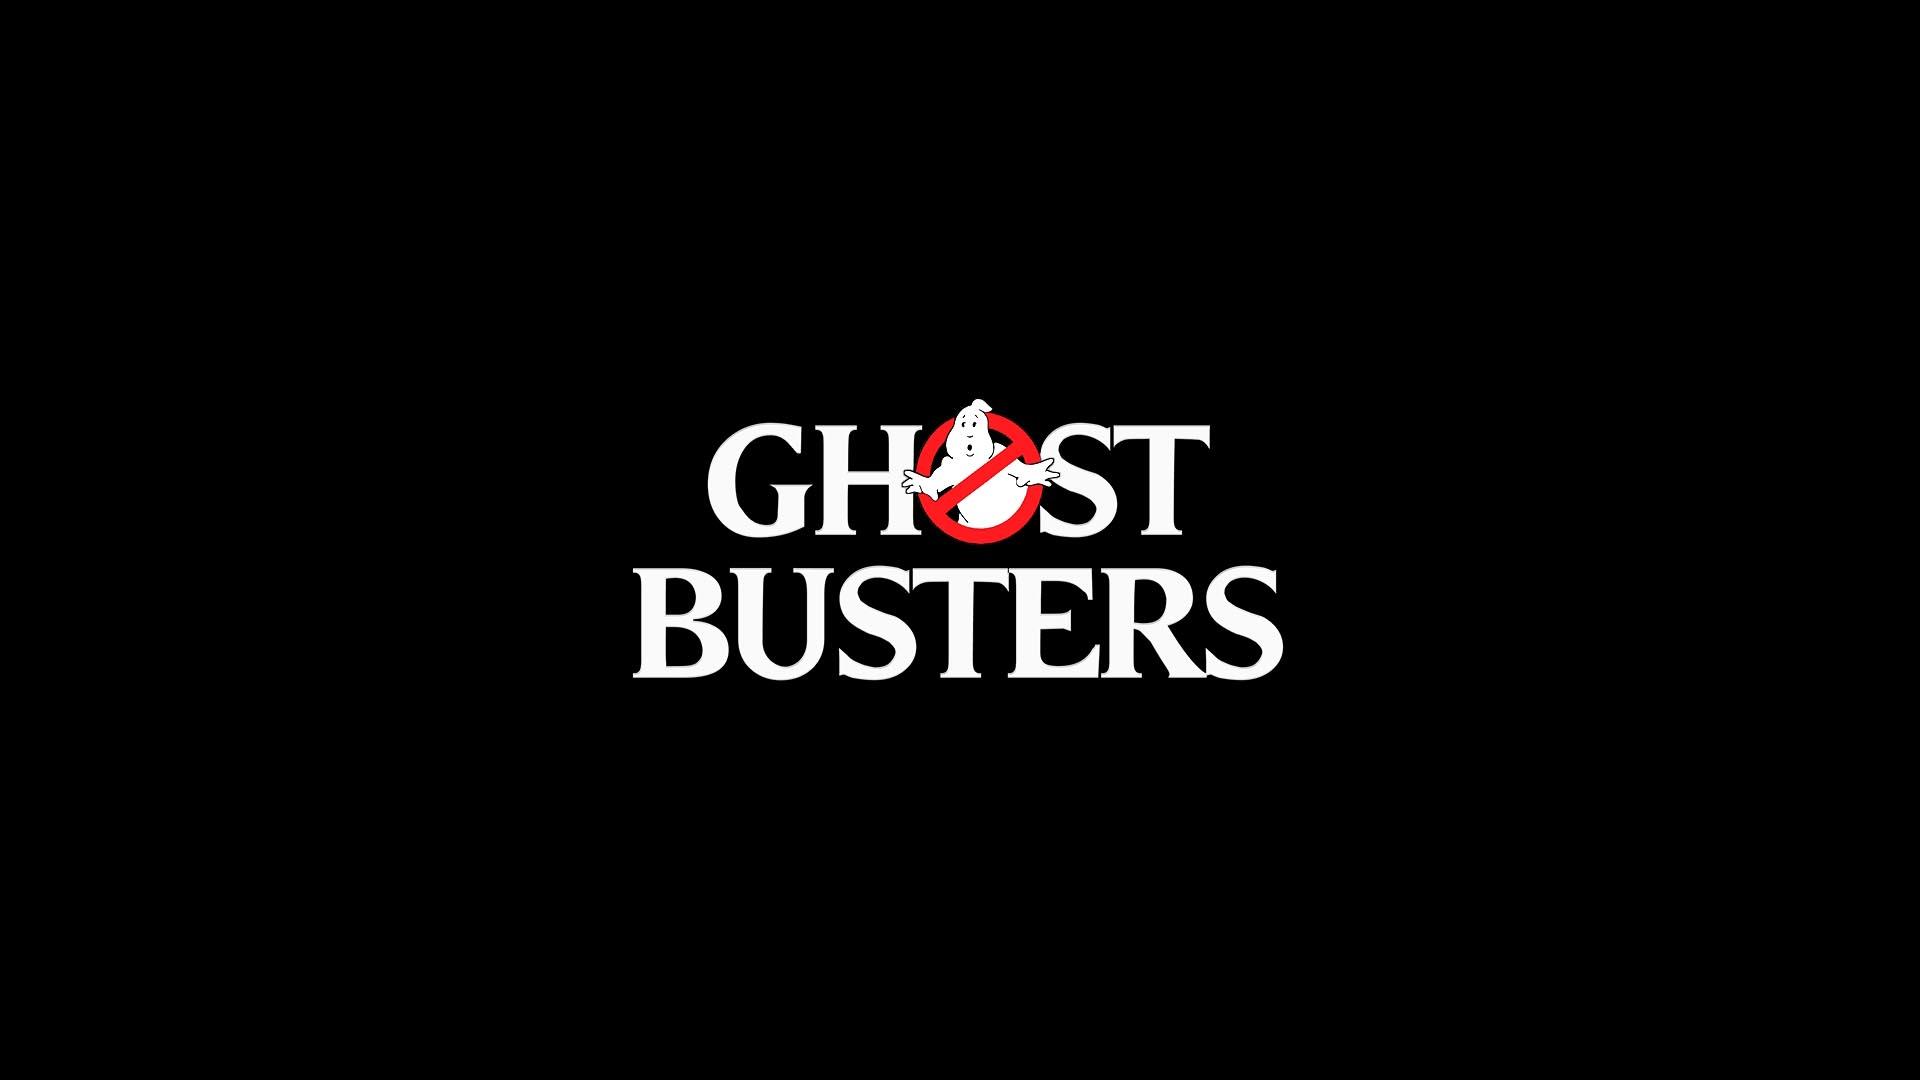 ghostbusters wallpaper HD